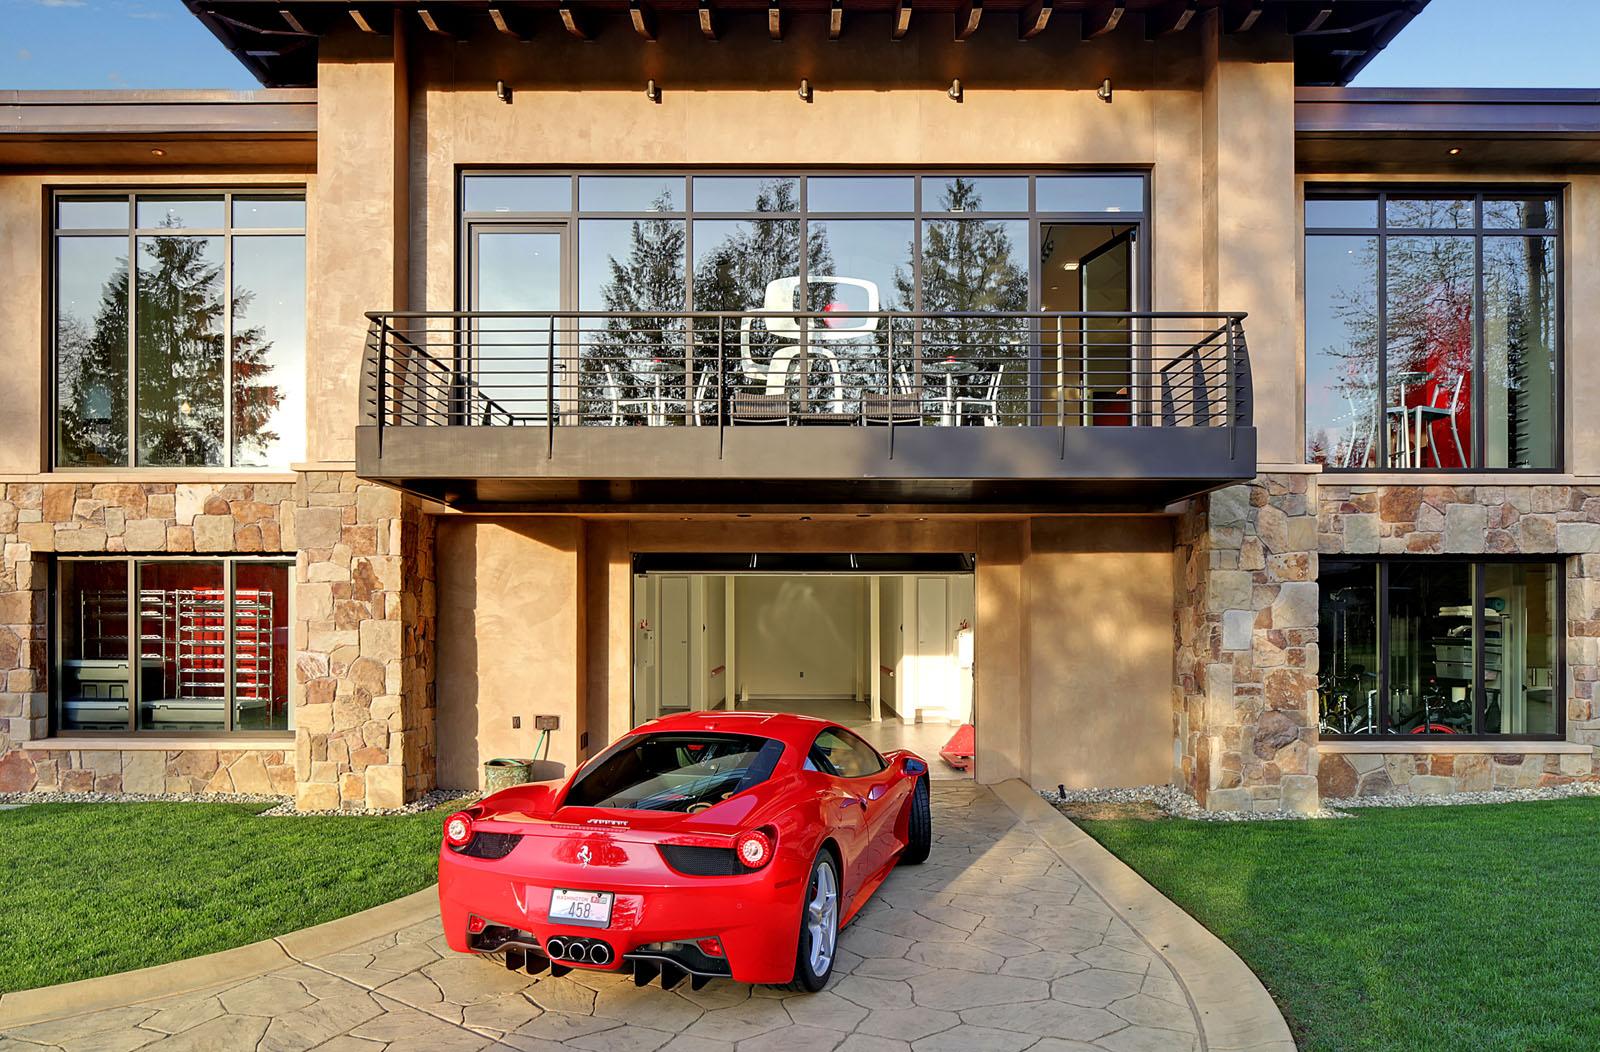 La maison id ale pour tout passionn d 39 automobile for Location de garage automobile